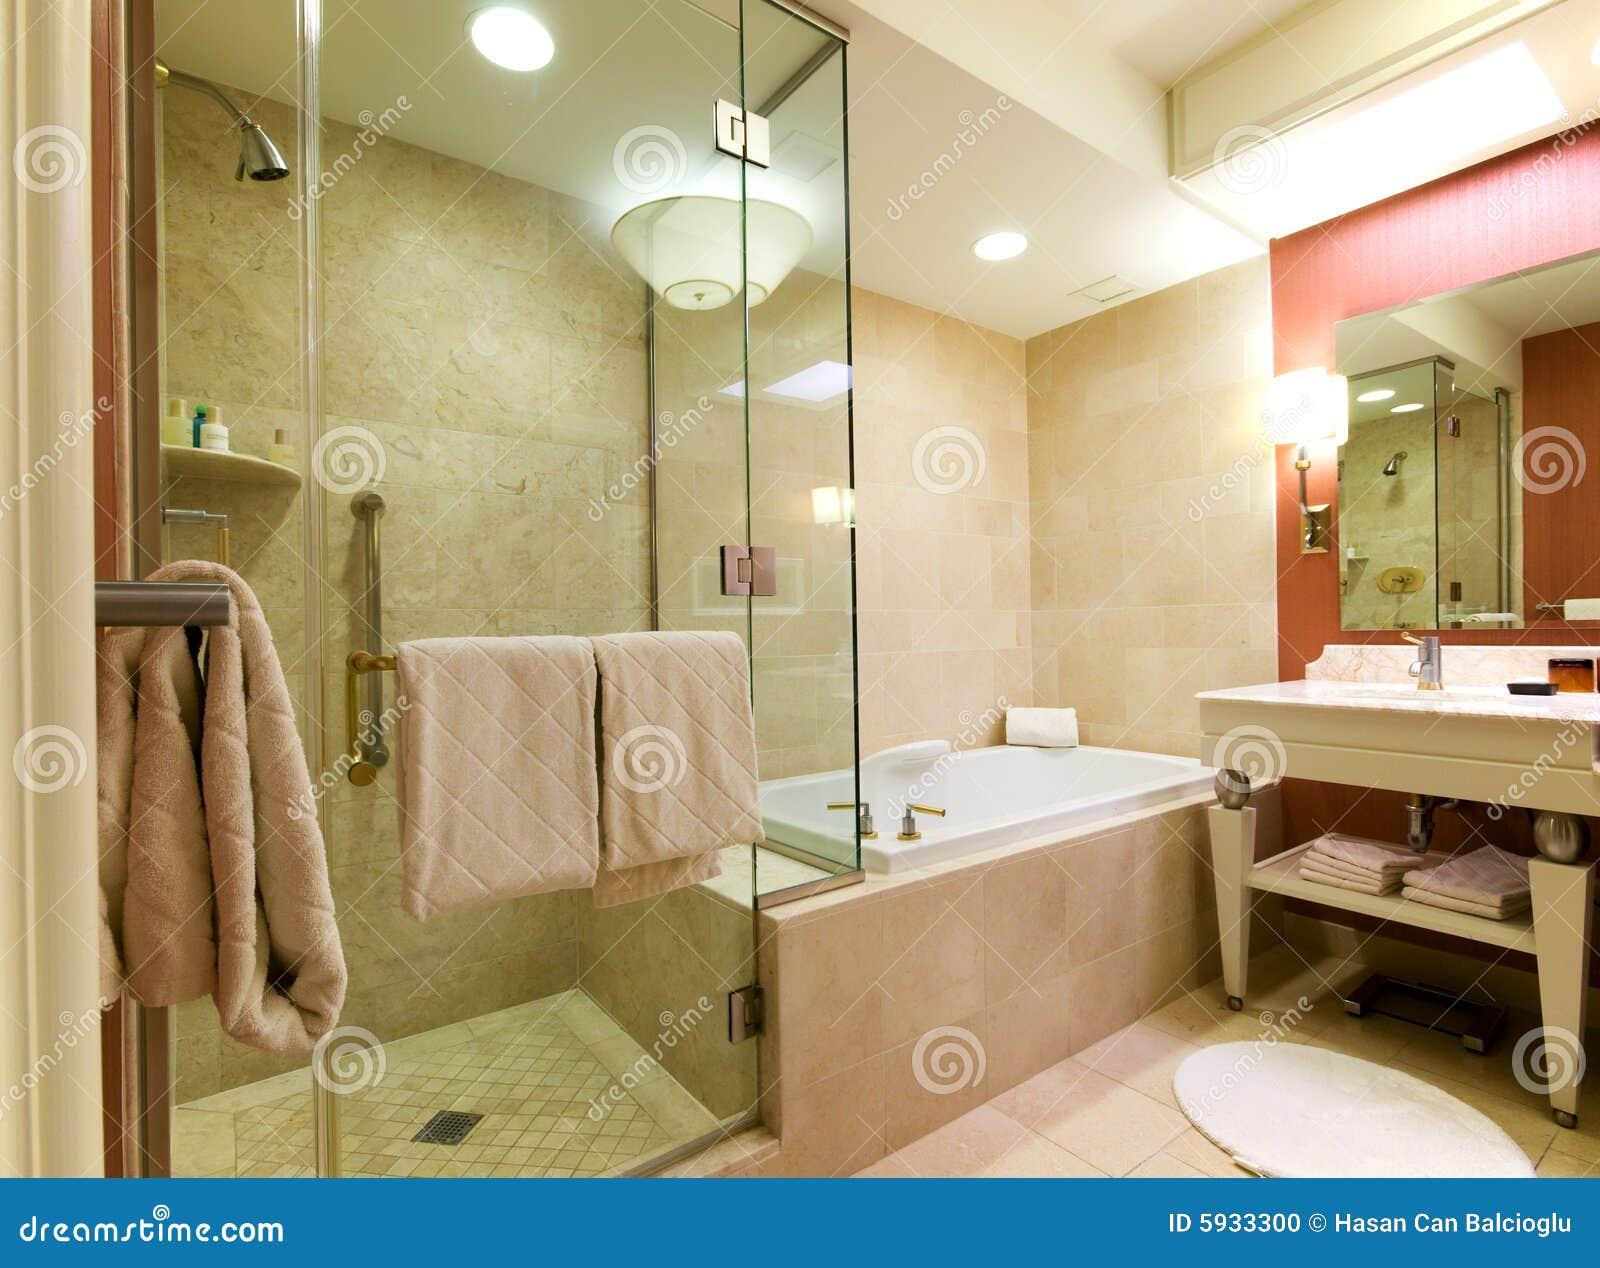 Baños Lujosos Imagenes:Luxury Hotel Bathroom